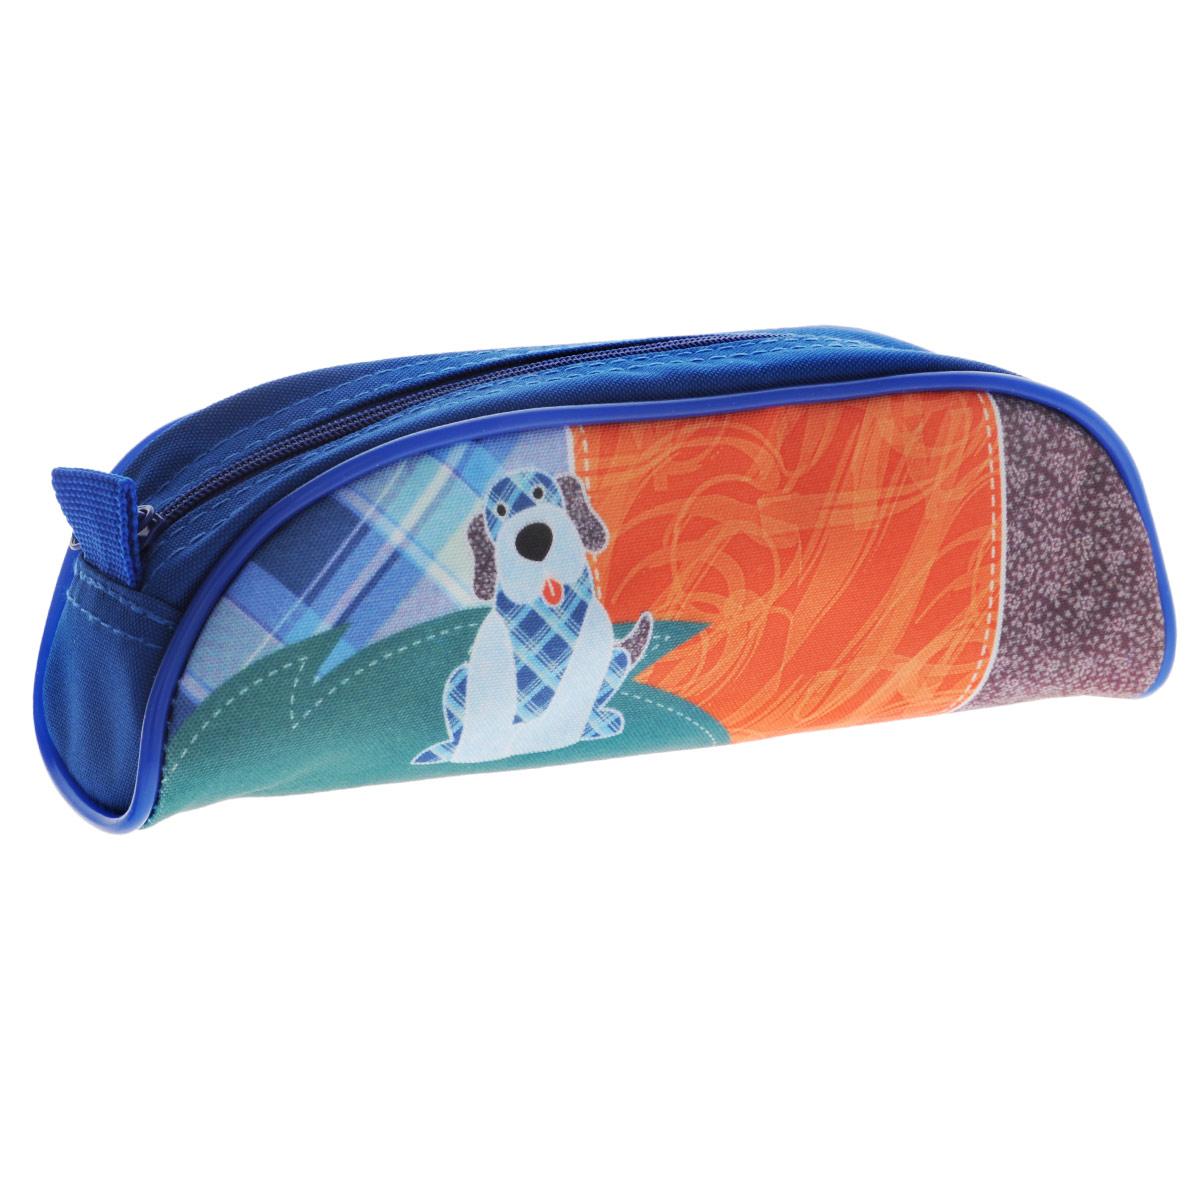 Пенал на молнии Joy Collection Собака, цвет: синий, оранжевый. 3902/TG3902/TG_синий/оранж/собакаПенал на молнии Joy Collection Собака выполнен из высококачественного прочного полиэстера и оформлен изображением забавной собачки. Яркий и красочный пенал имеет одно отделение и надежную застежку-молнию, предназначен для хранения школьных канцелярских принадлежностей.